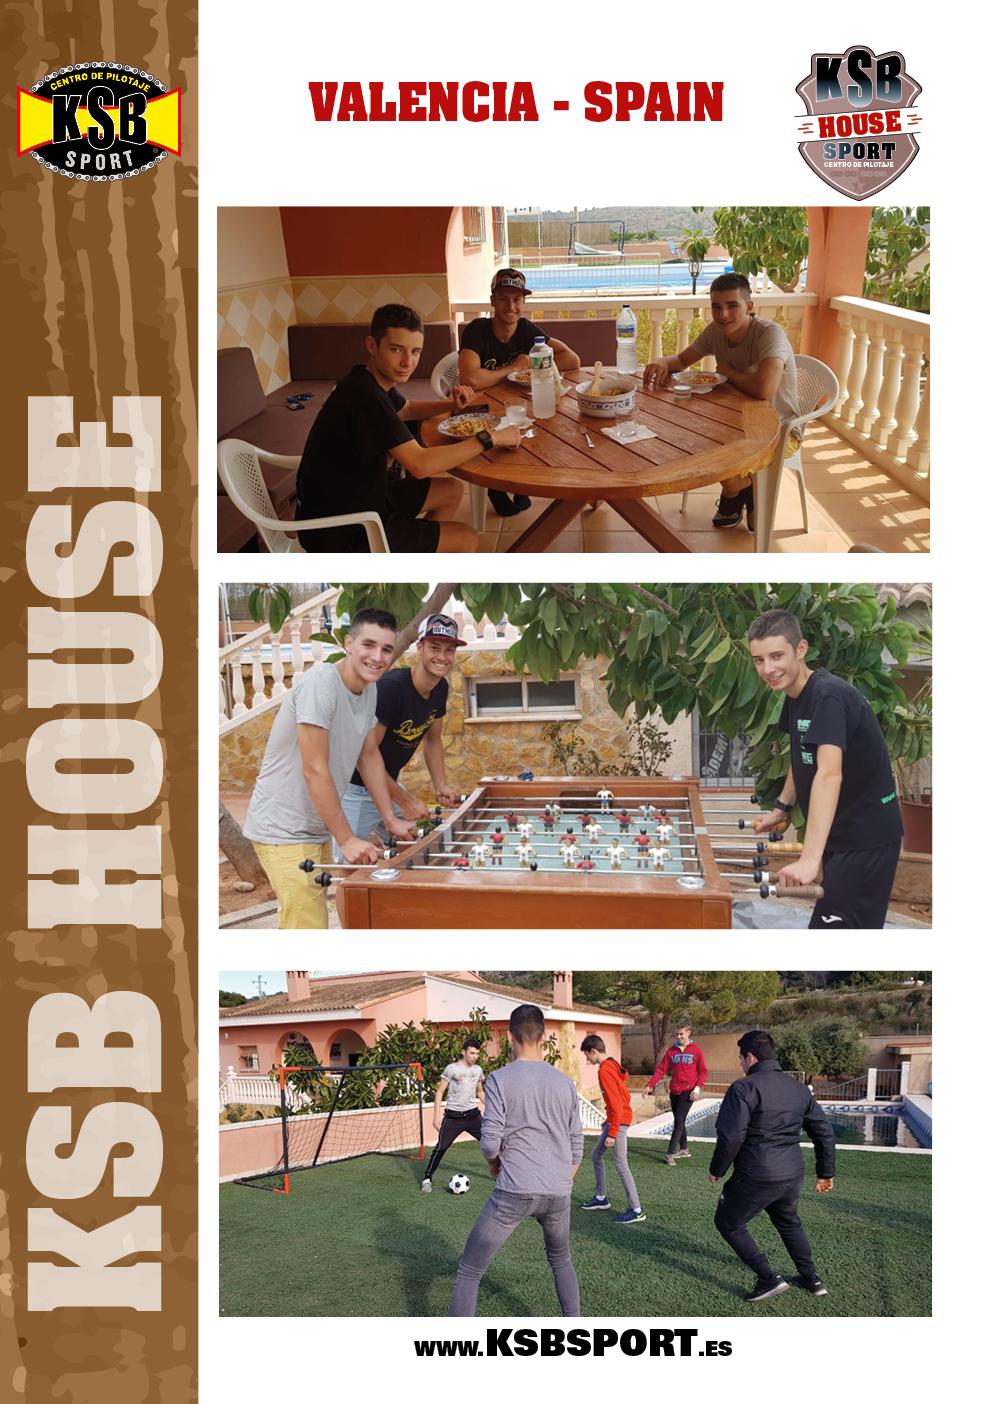 ksb_house_dossier8